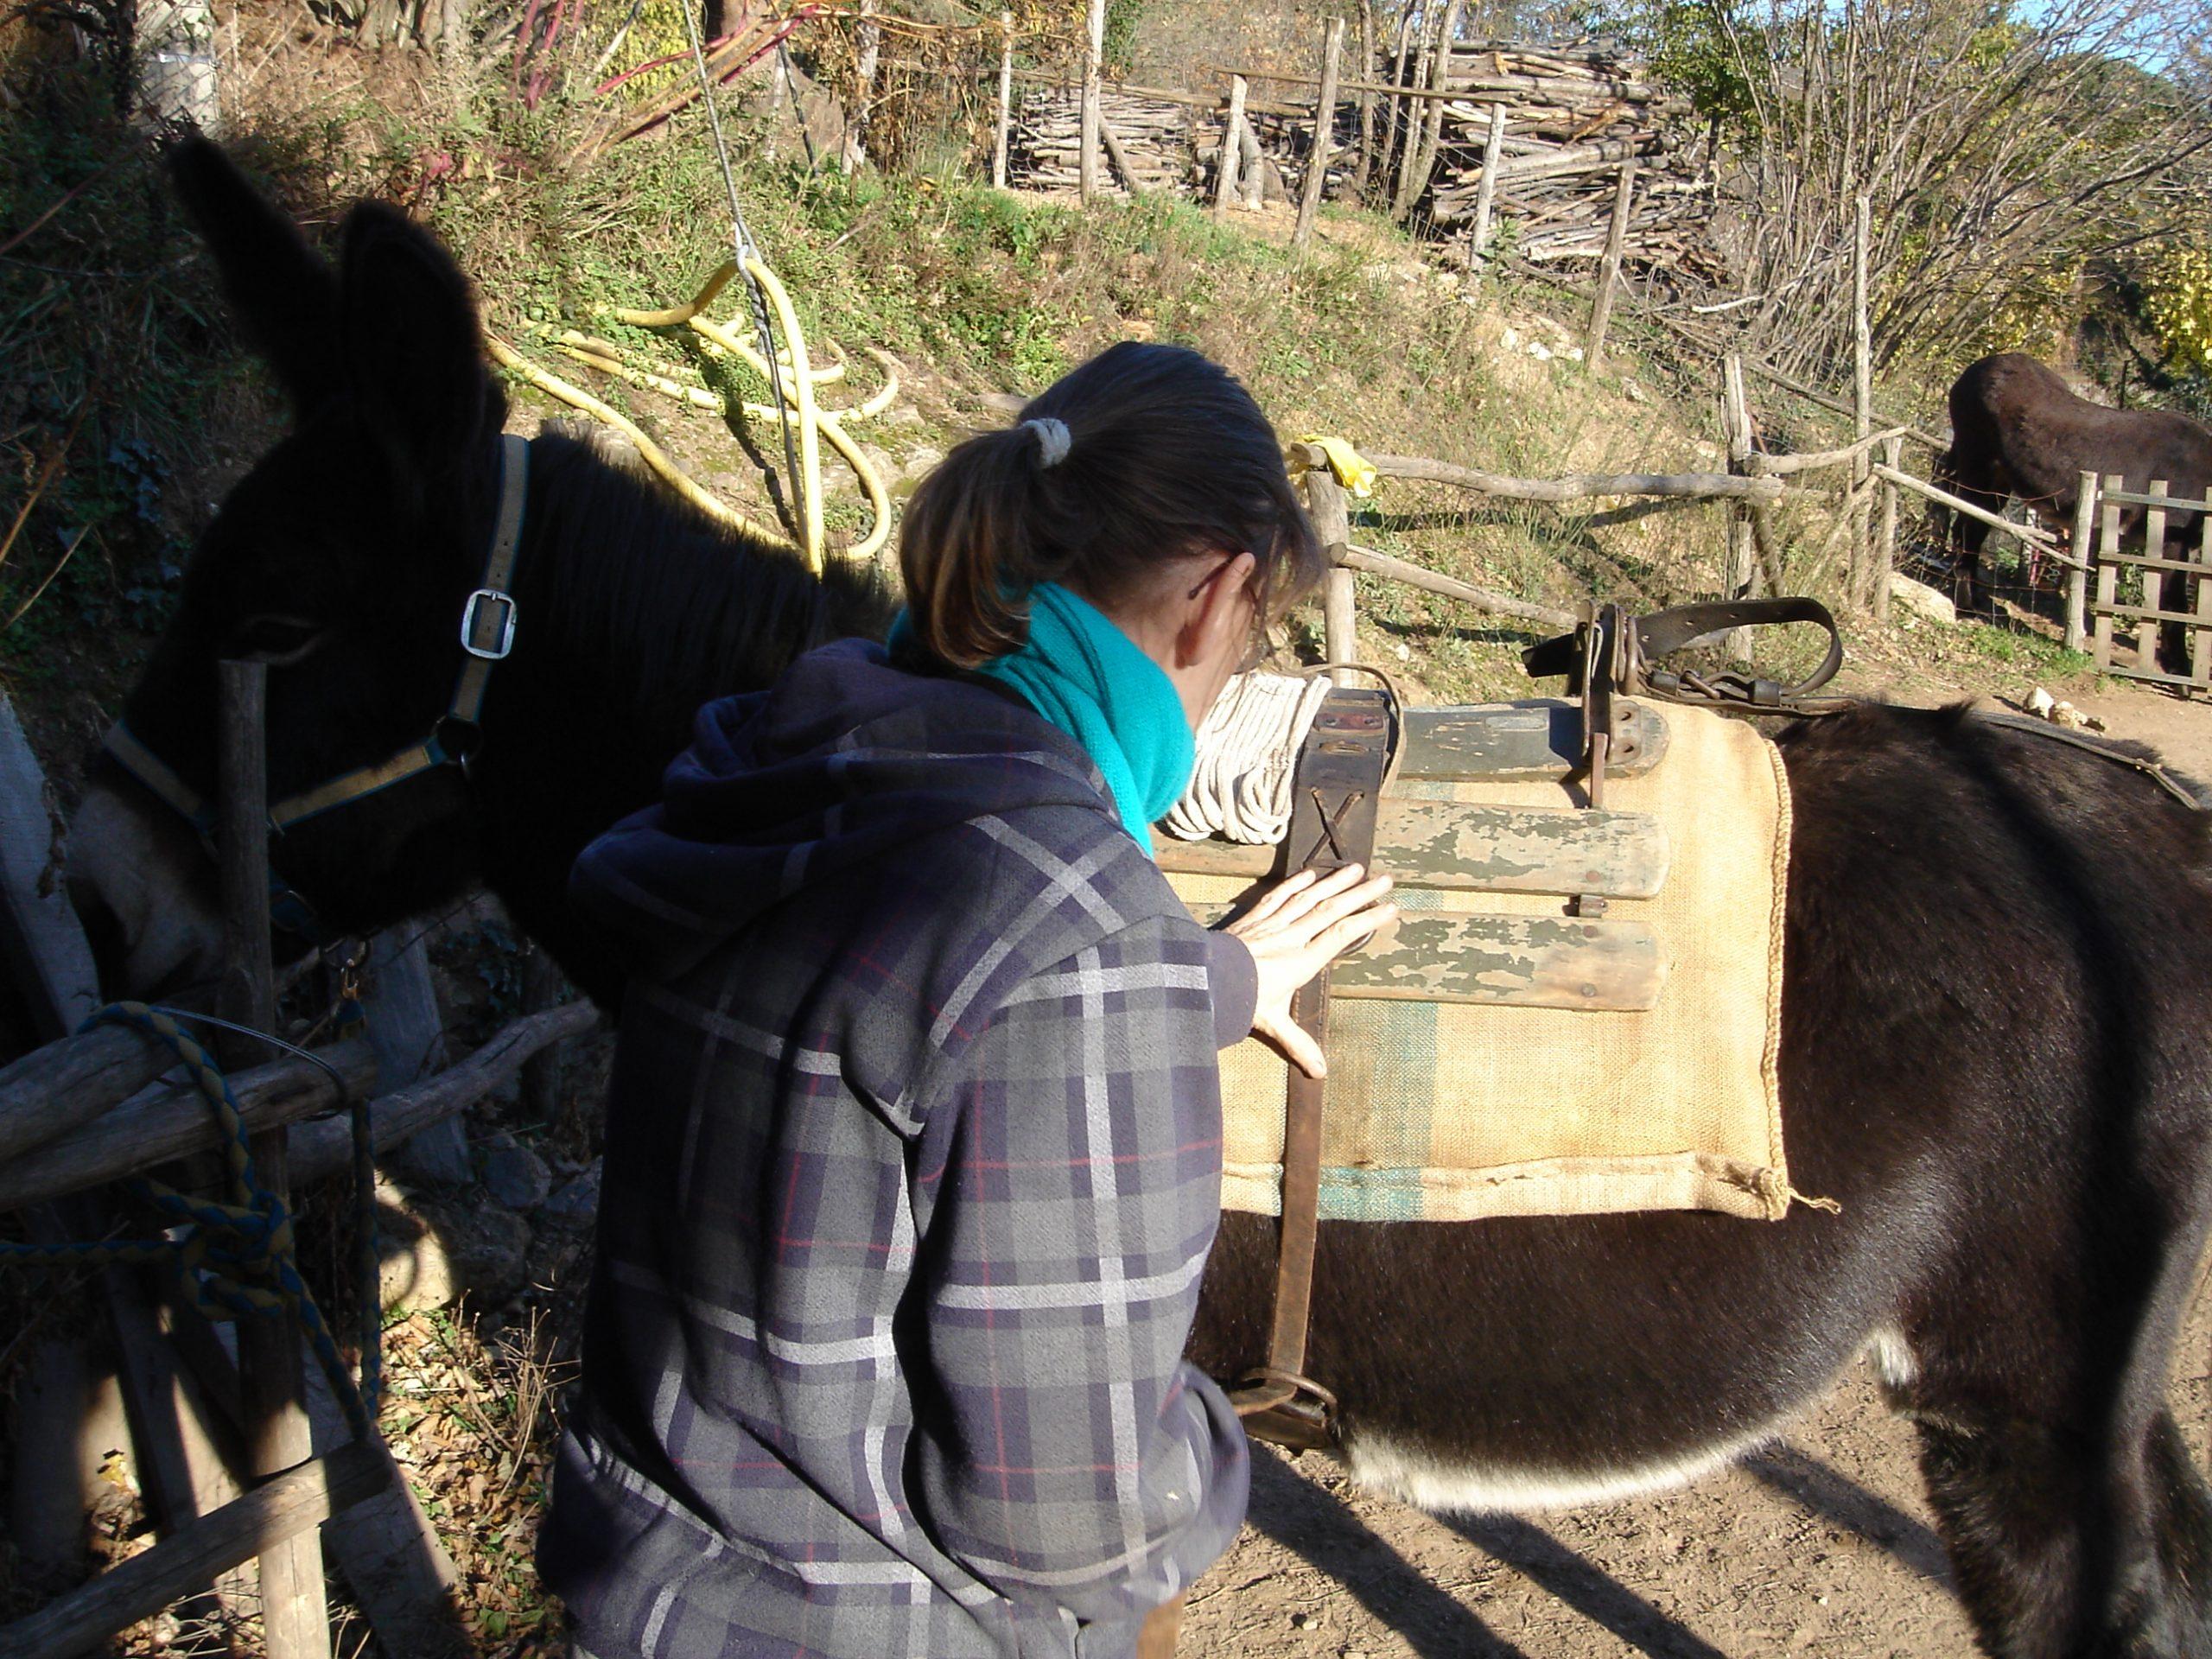 Woman putting pack saddle on donkey